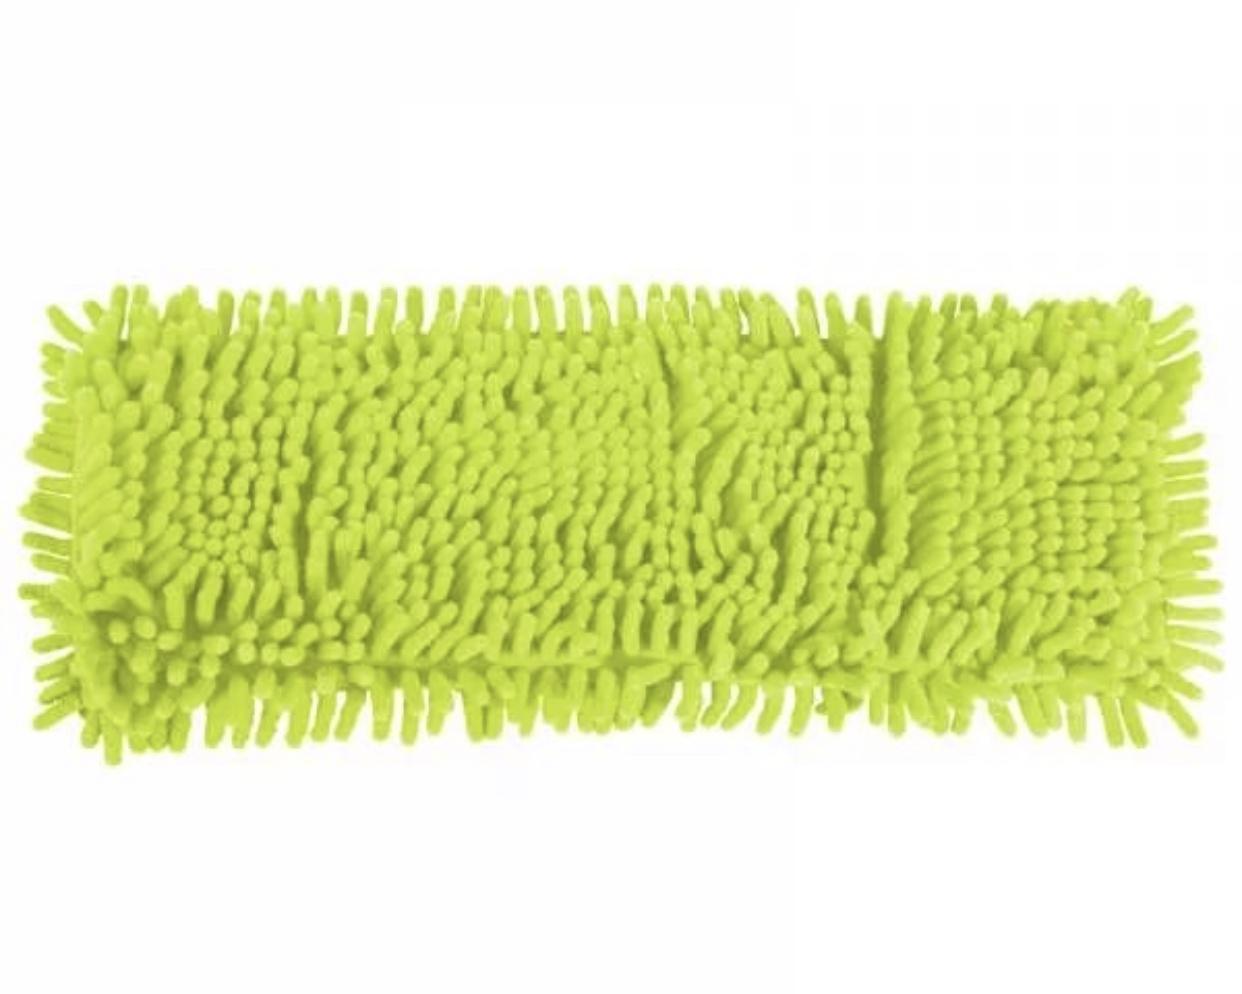 Насадка на швабру Markclub сменная MOP, MOP-1256, светло-зеленый насадка на швабру leifheit clean twist mop из микроволокна цвет белый бирюзовый